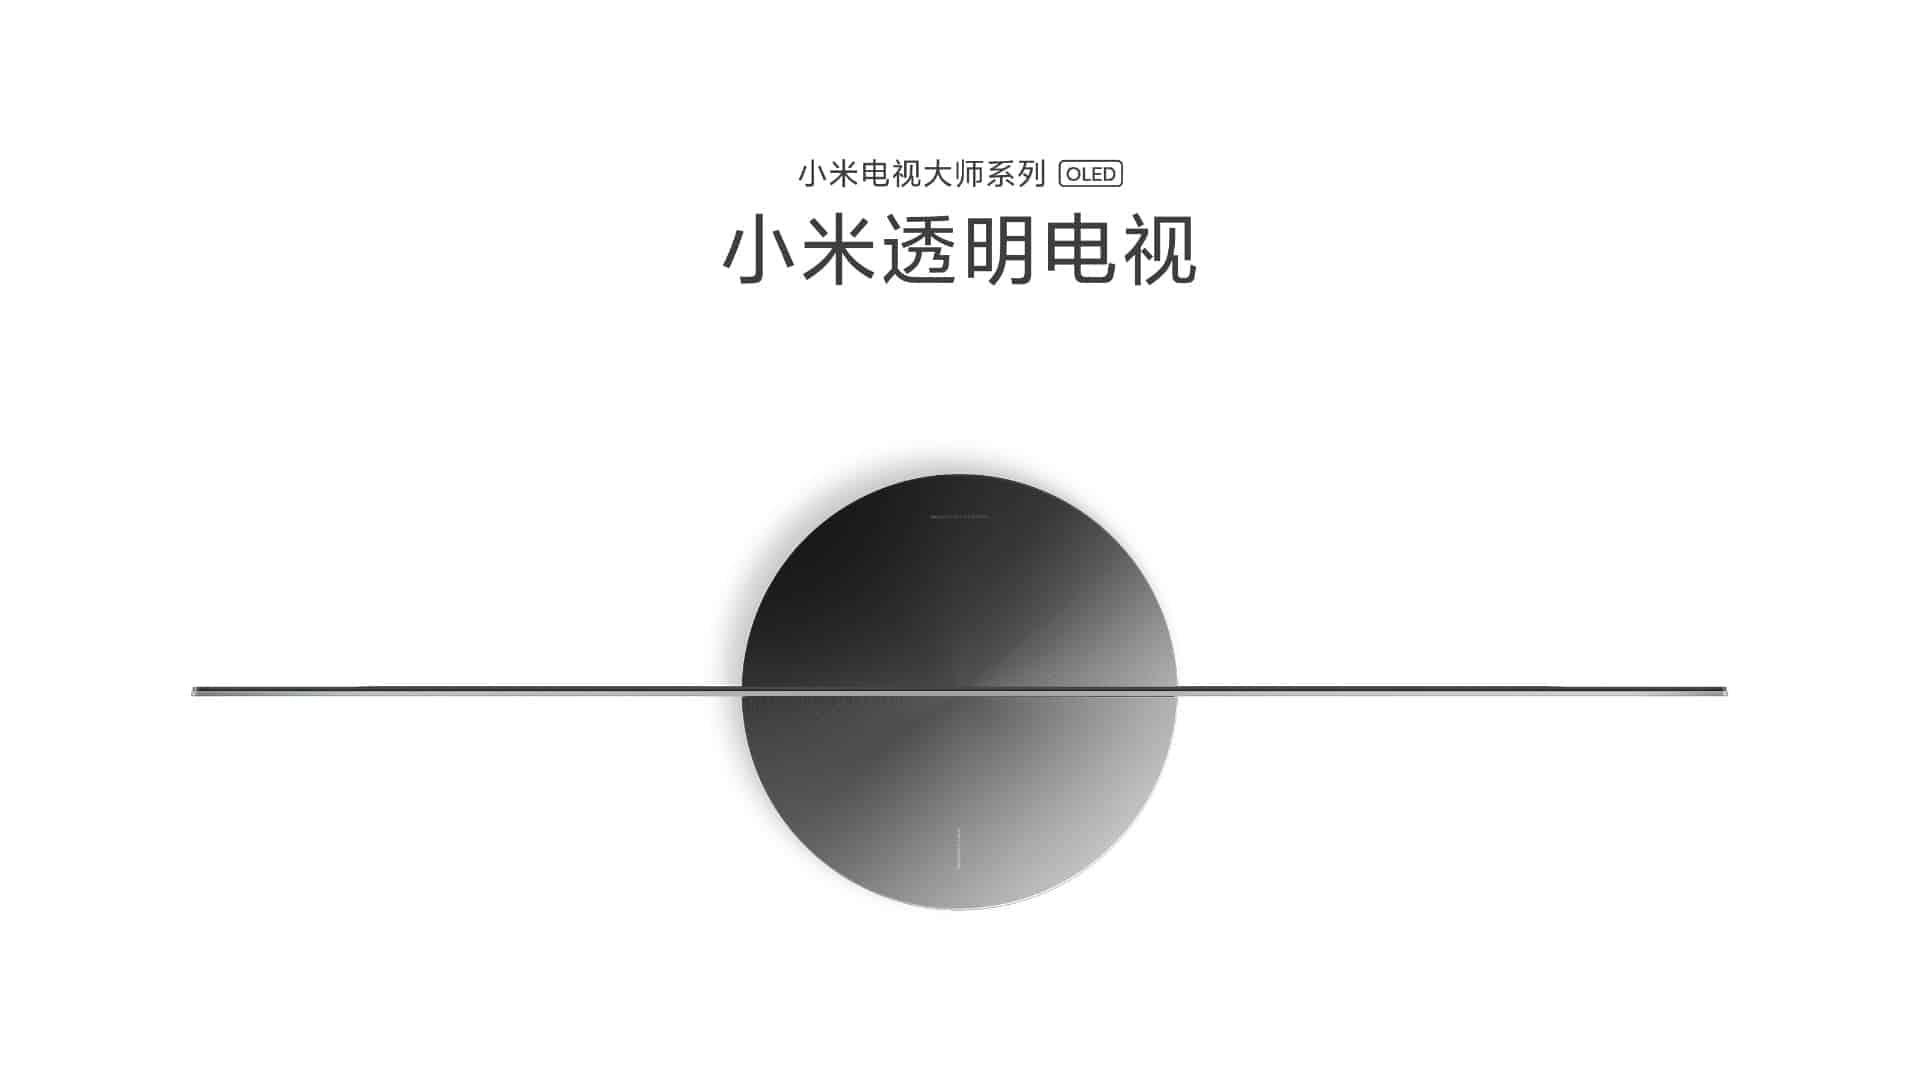 05 Mi TV LUX OLED Transparent Edition 017